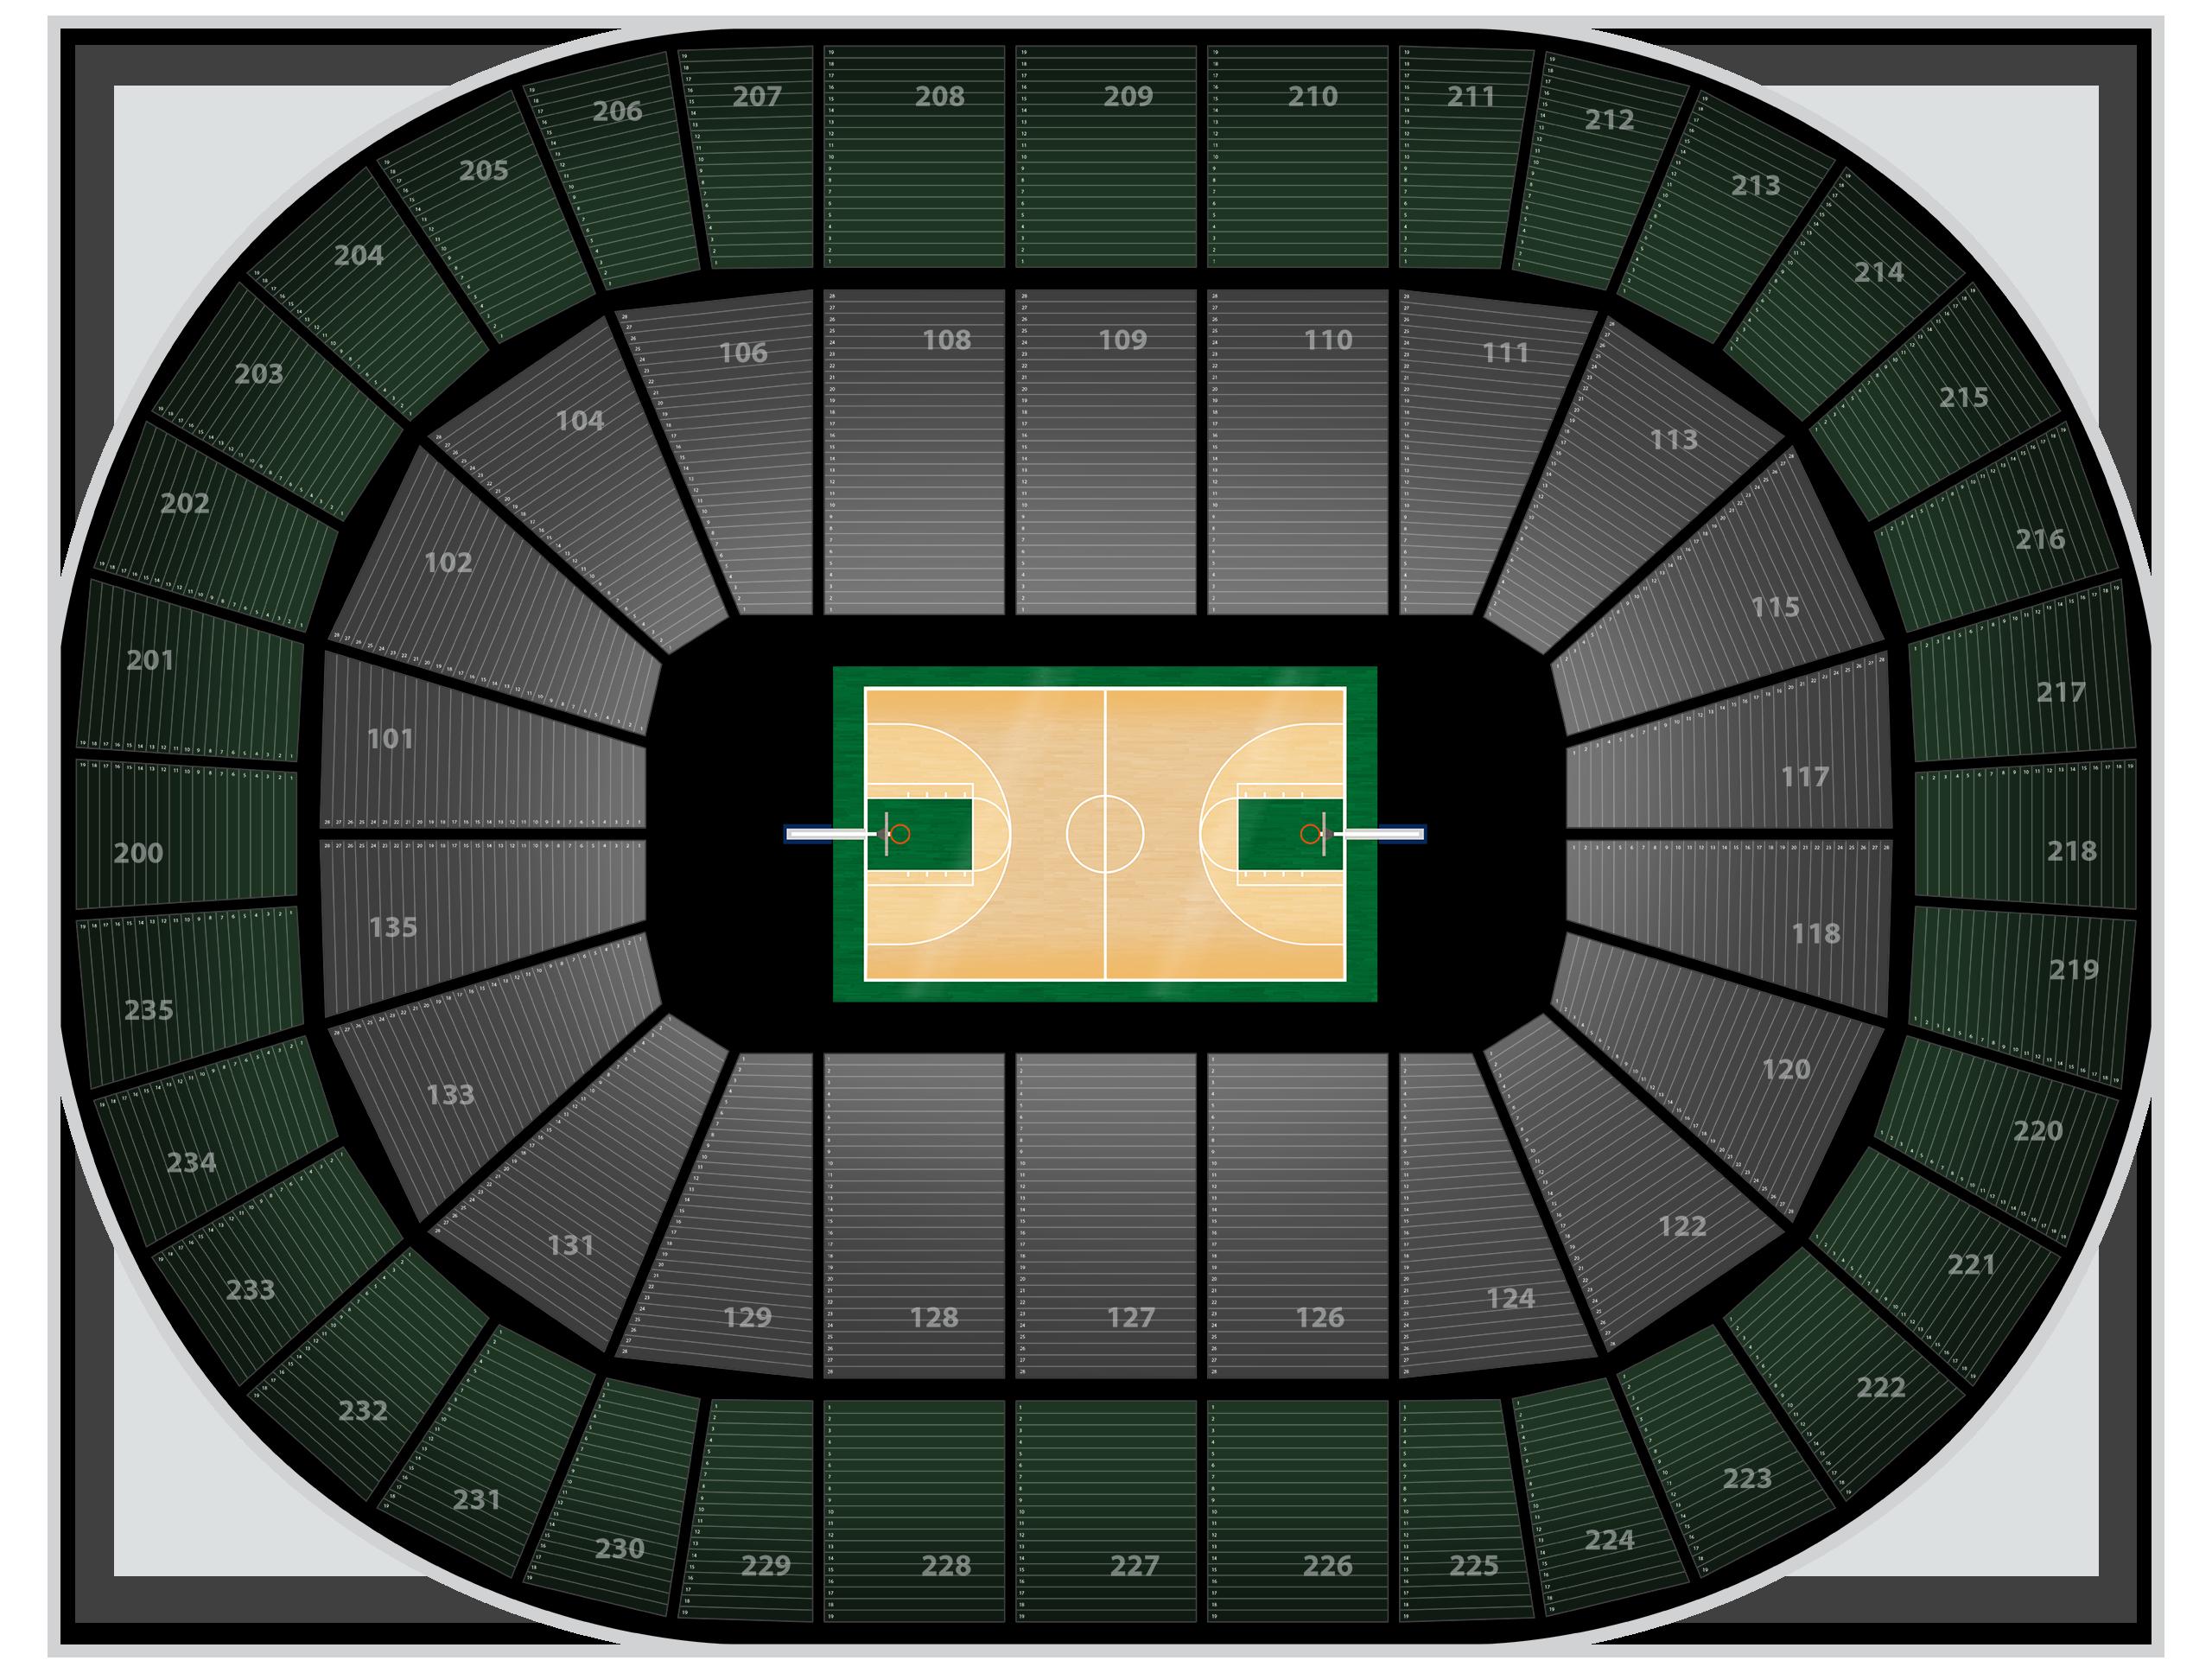 Breslin Center Tickets